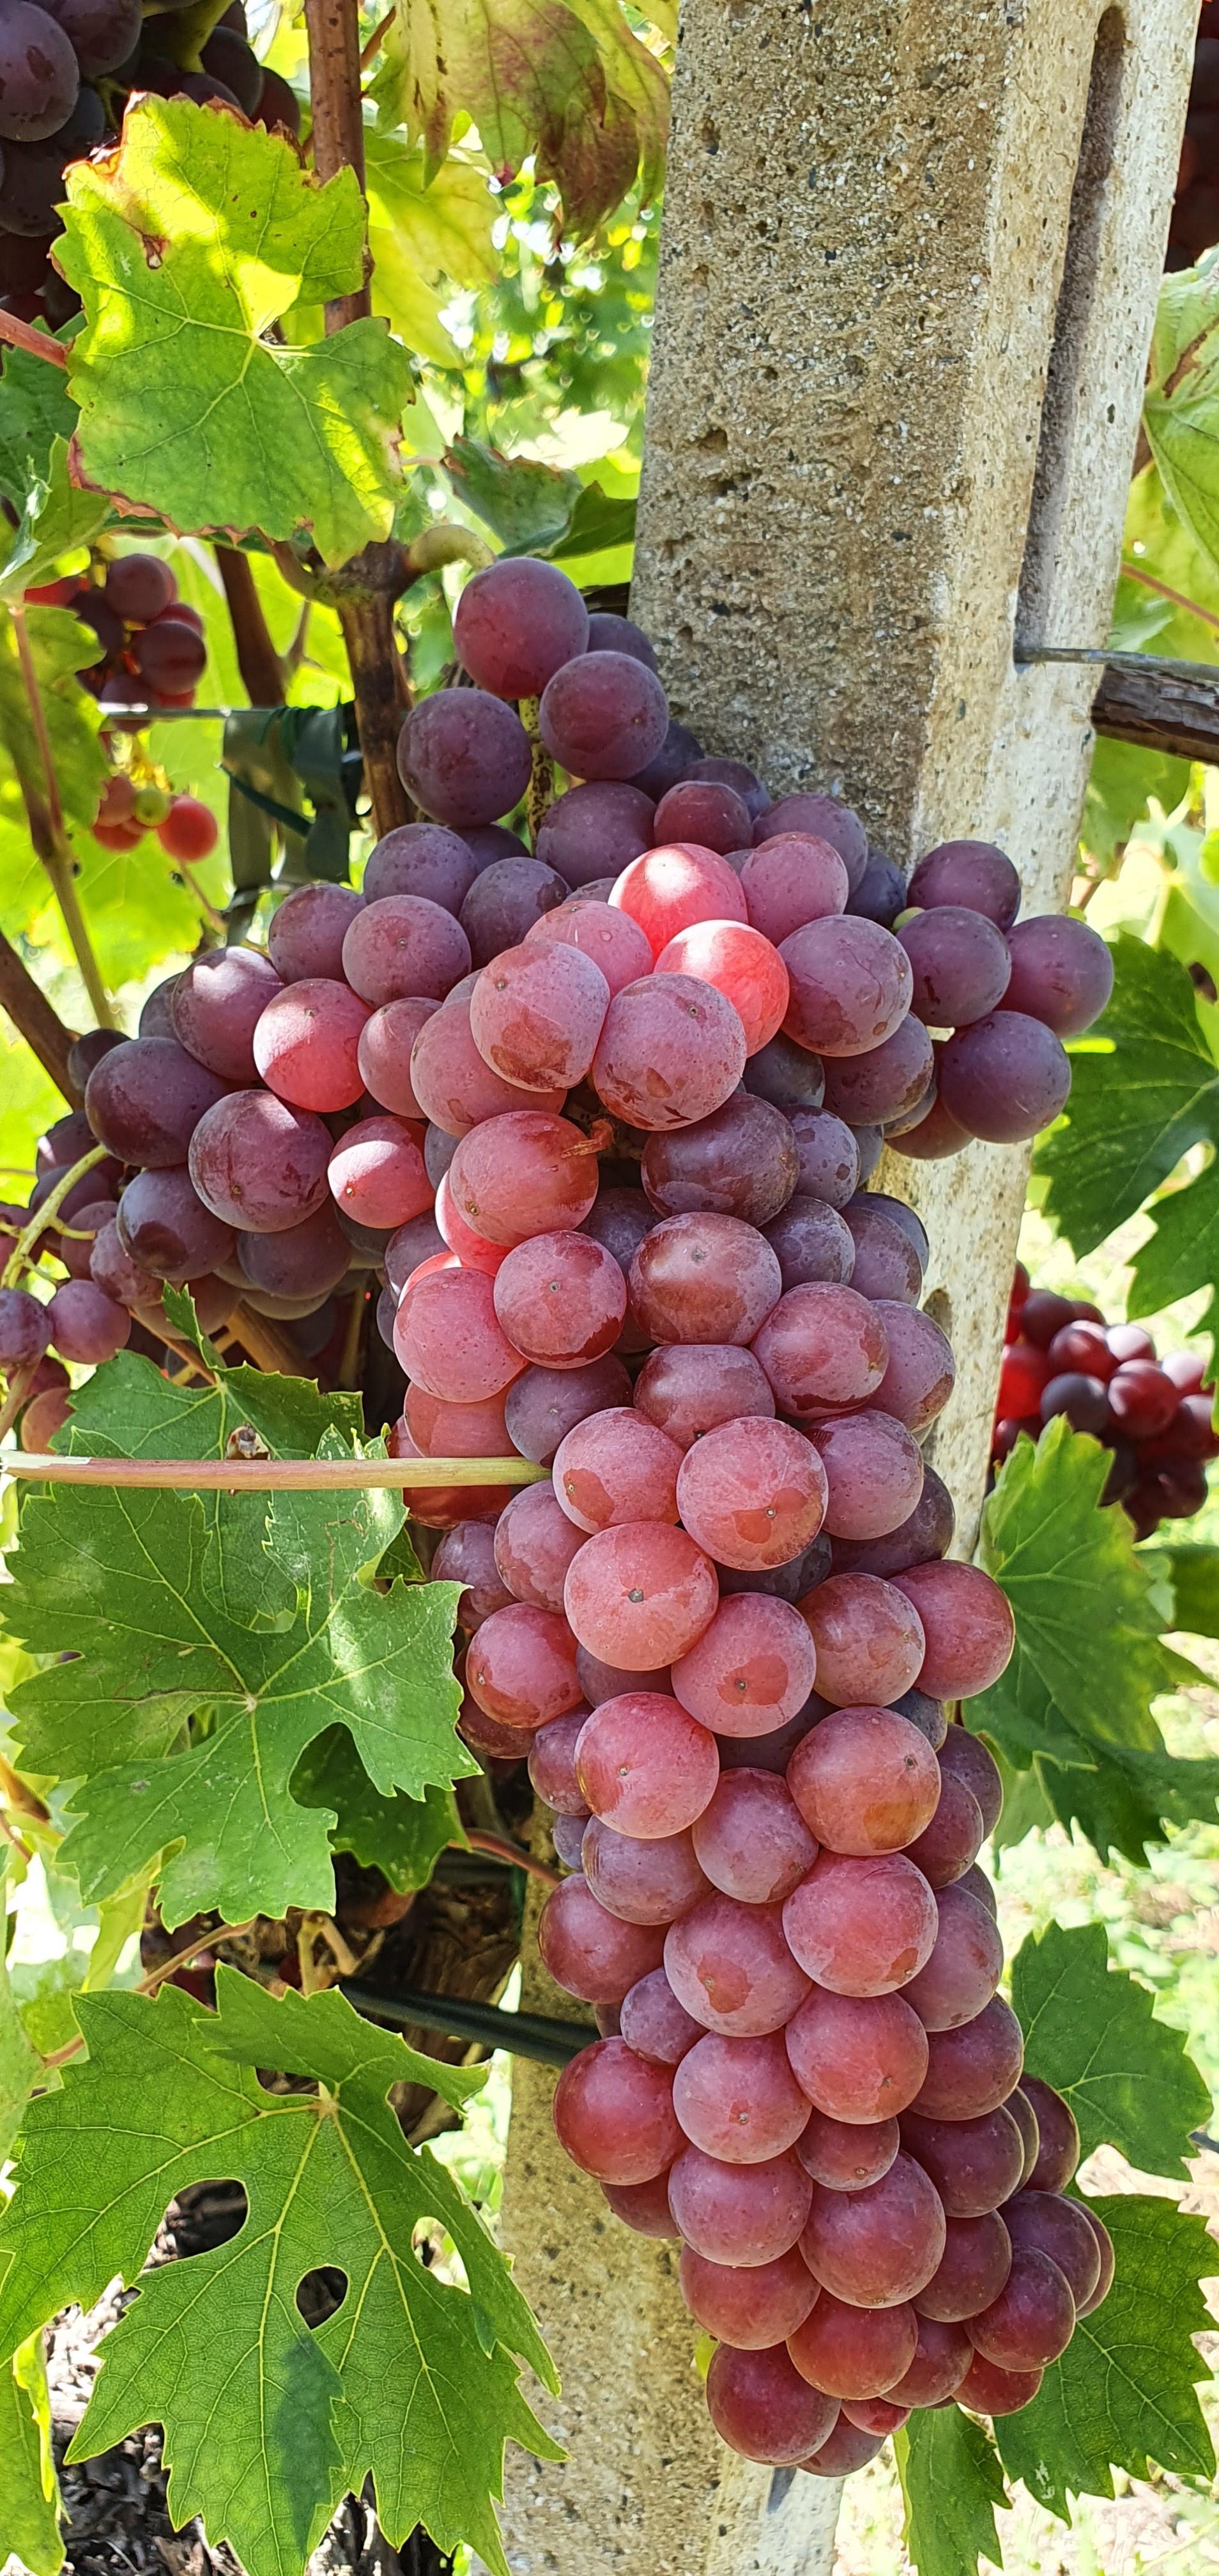 Купить лозу винограда в дубае самолет флай дубай 19 03 что случилось